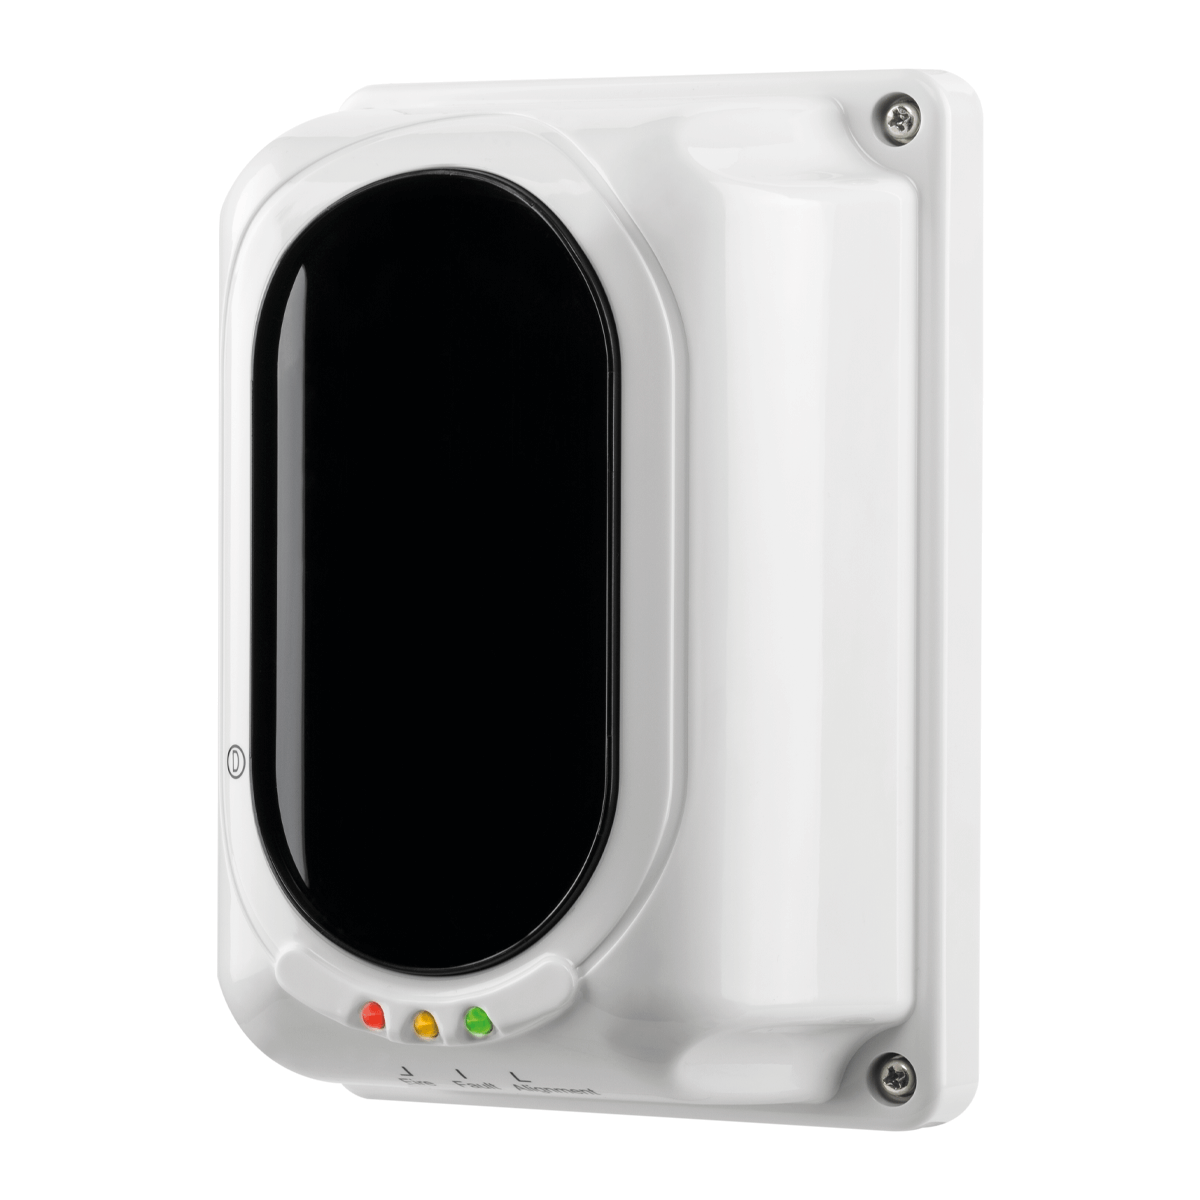 Detector de Fumaça Linear Intelbras DFL 3103